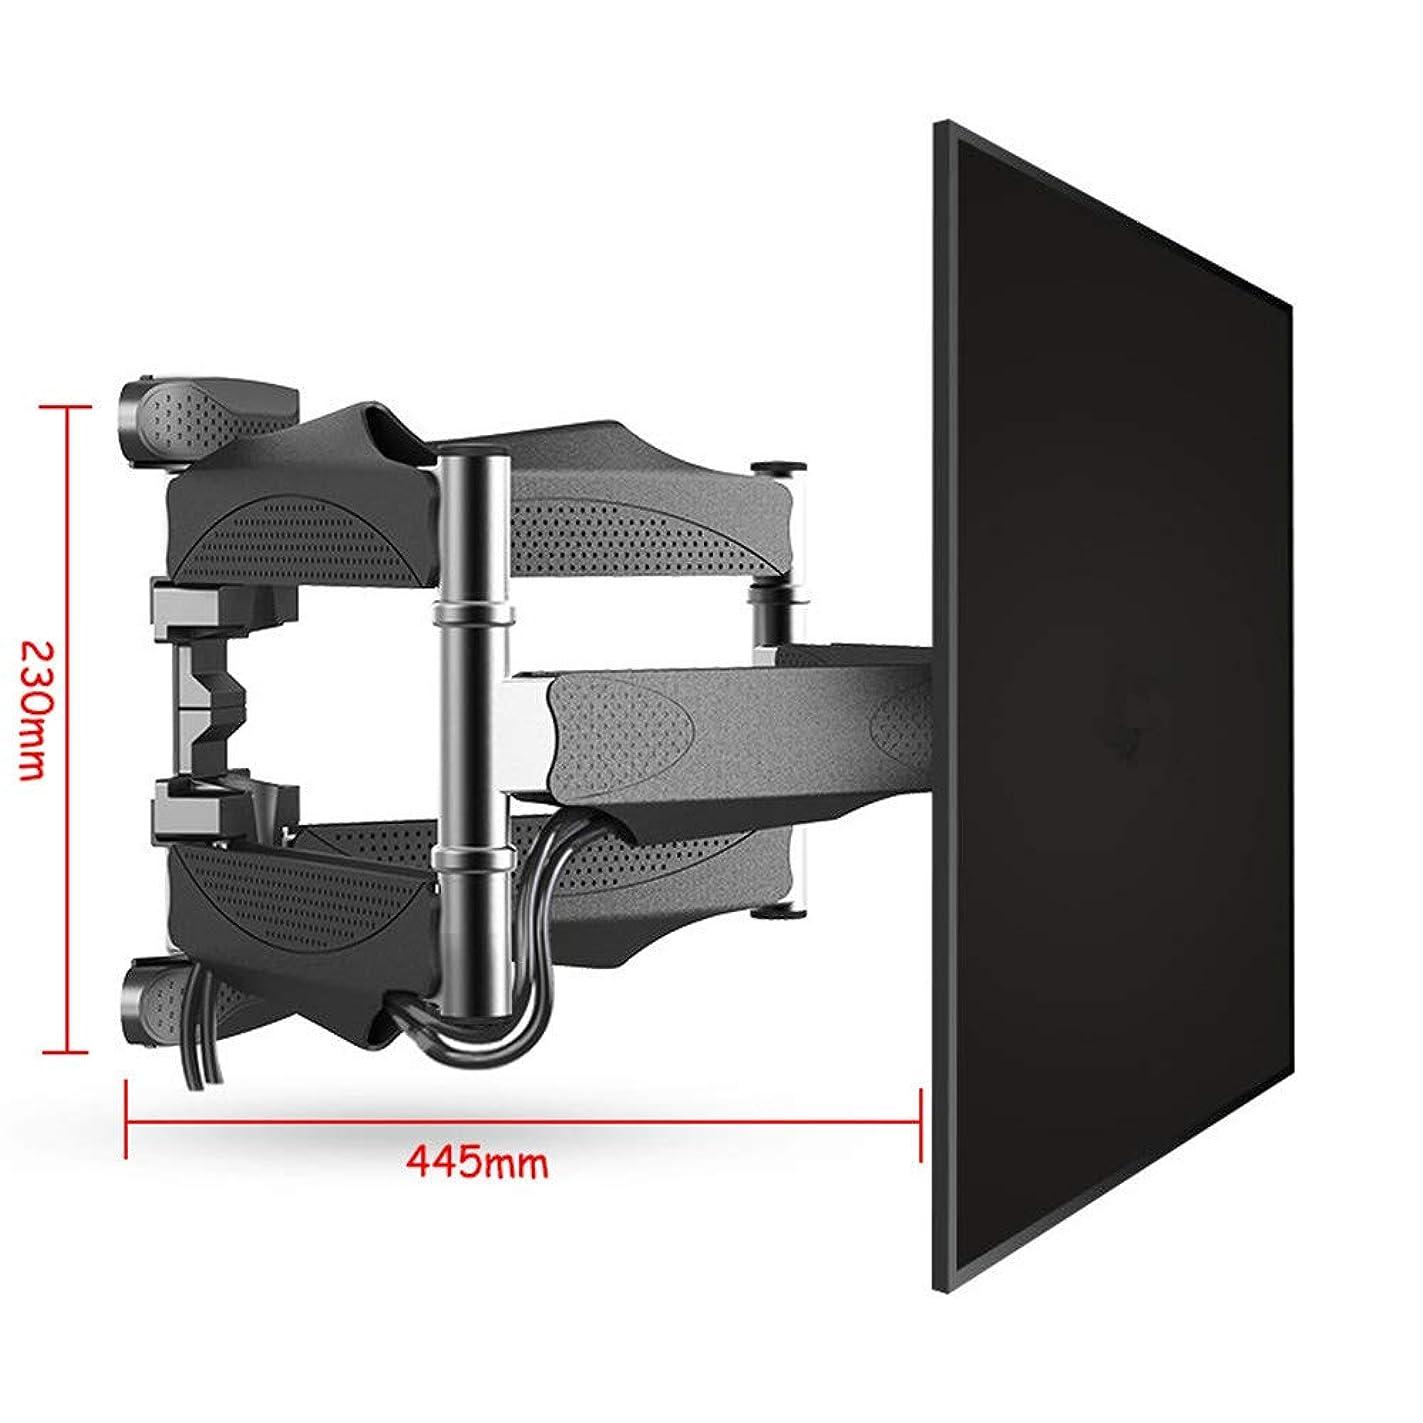 提唱する居住者何故なのウォールマウント咬合6腕テレビウォールマウントフルモーションチルトブラケットTVは32のためのウォールマウントラック「-55」TVSまでのVESA 400X400mmと100Lbsを